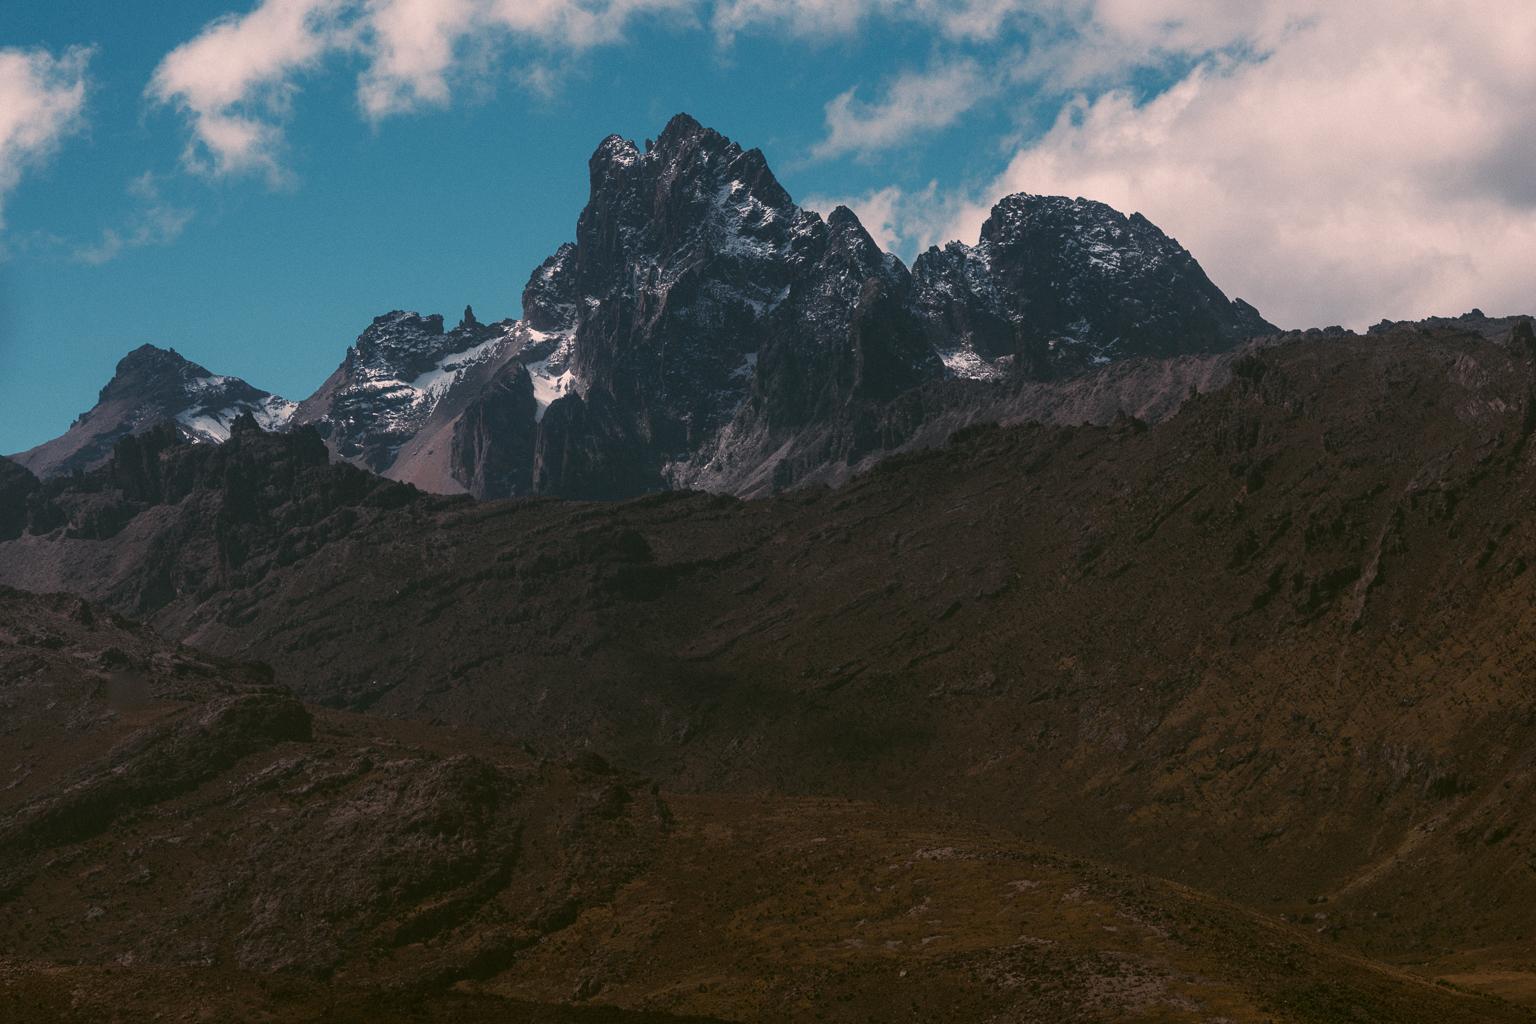 MT. KENYA 03